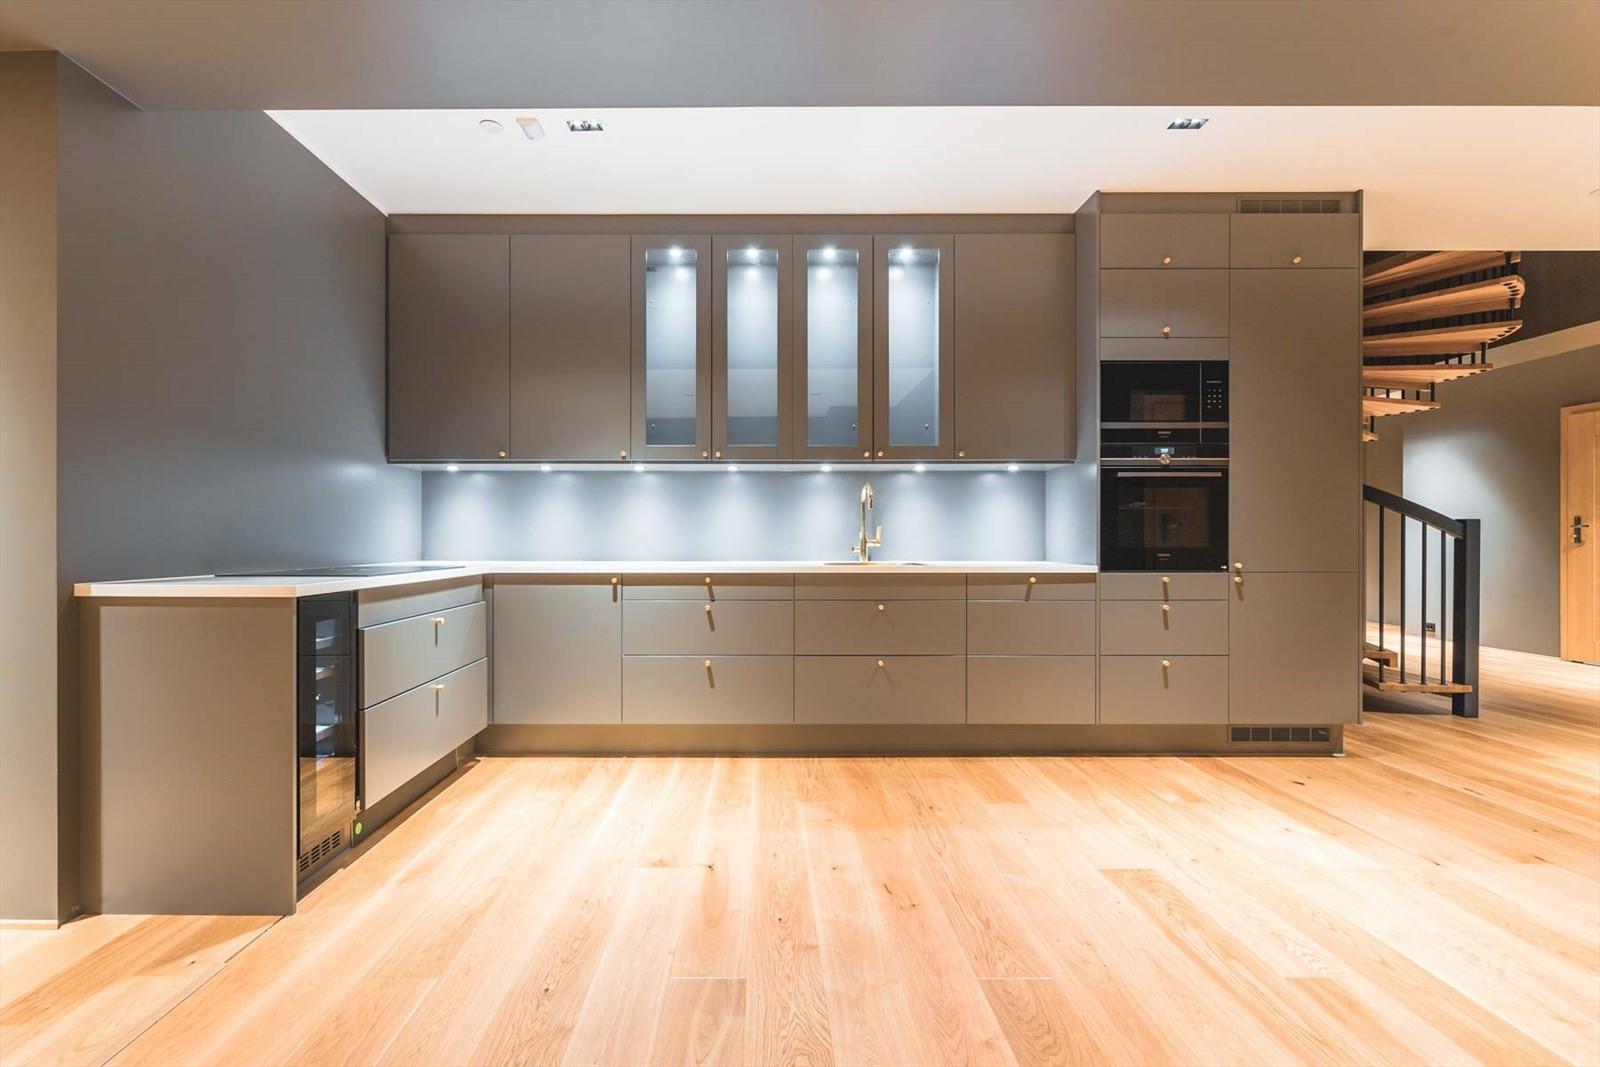 Innholdsrikt kjøkken med integrerte hvitevarer